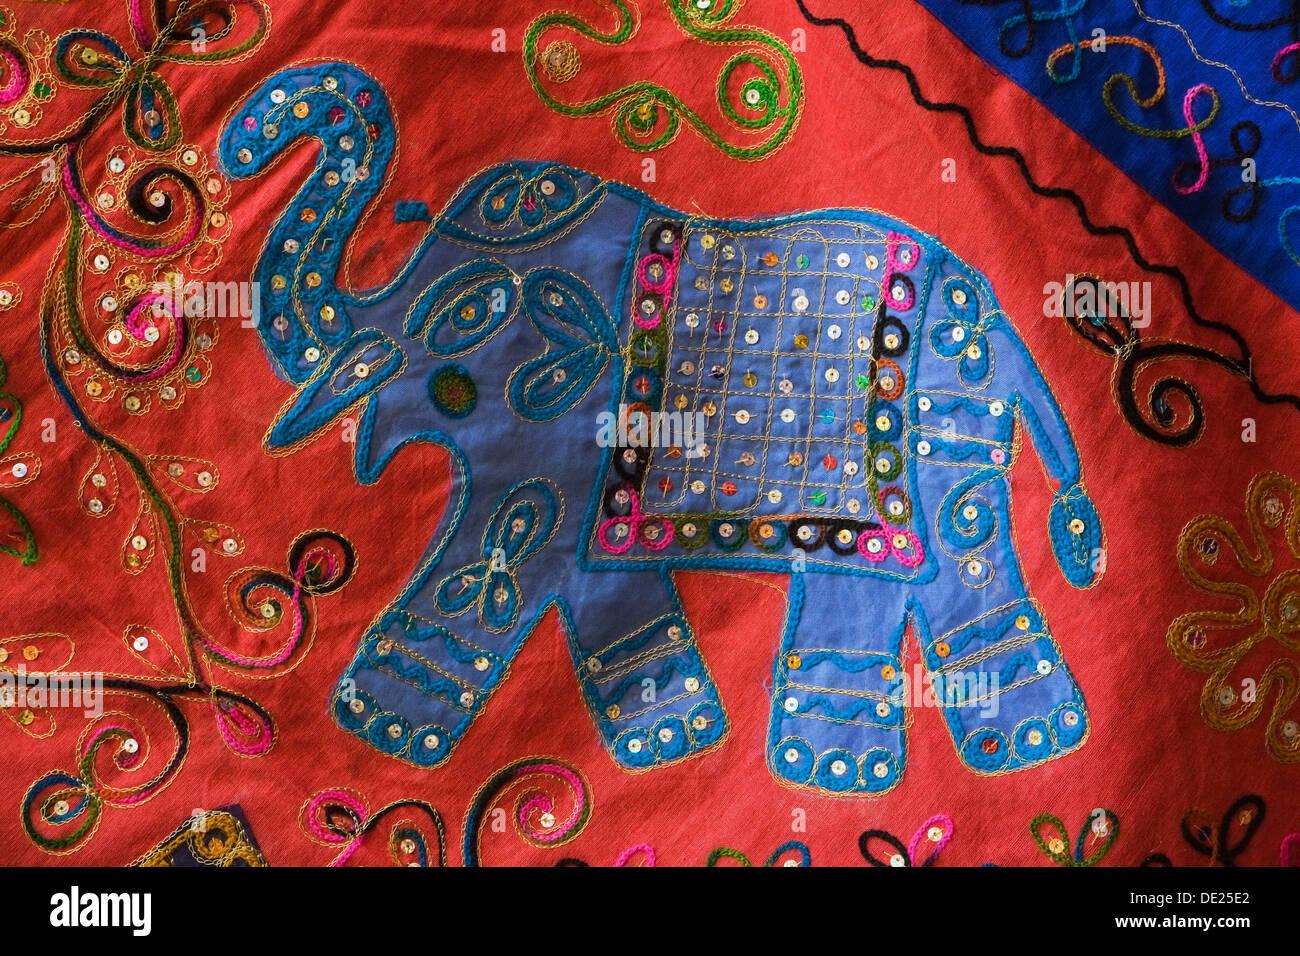 Éléphant brodé sur un morceau de tissu, à un souk arabe, Grenade, province de Grenade, Andalousie, Espagne Photo Stock